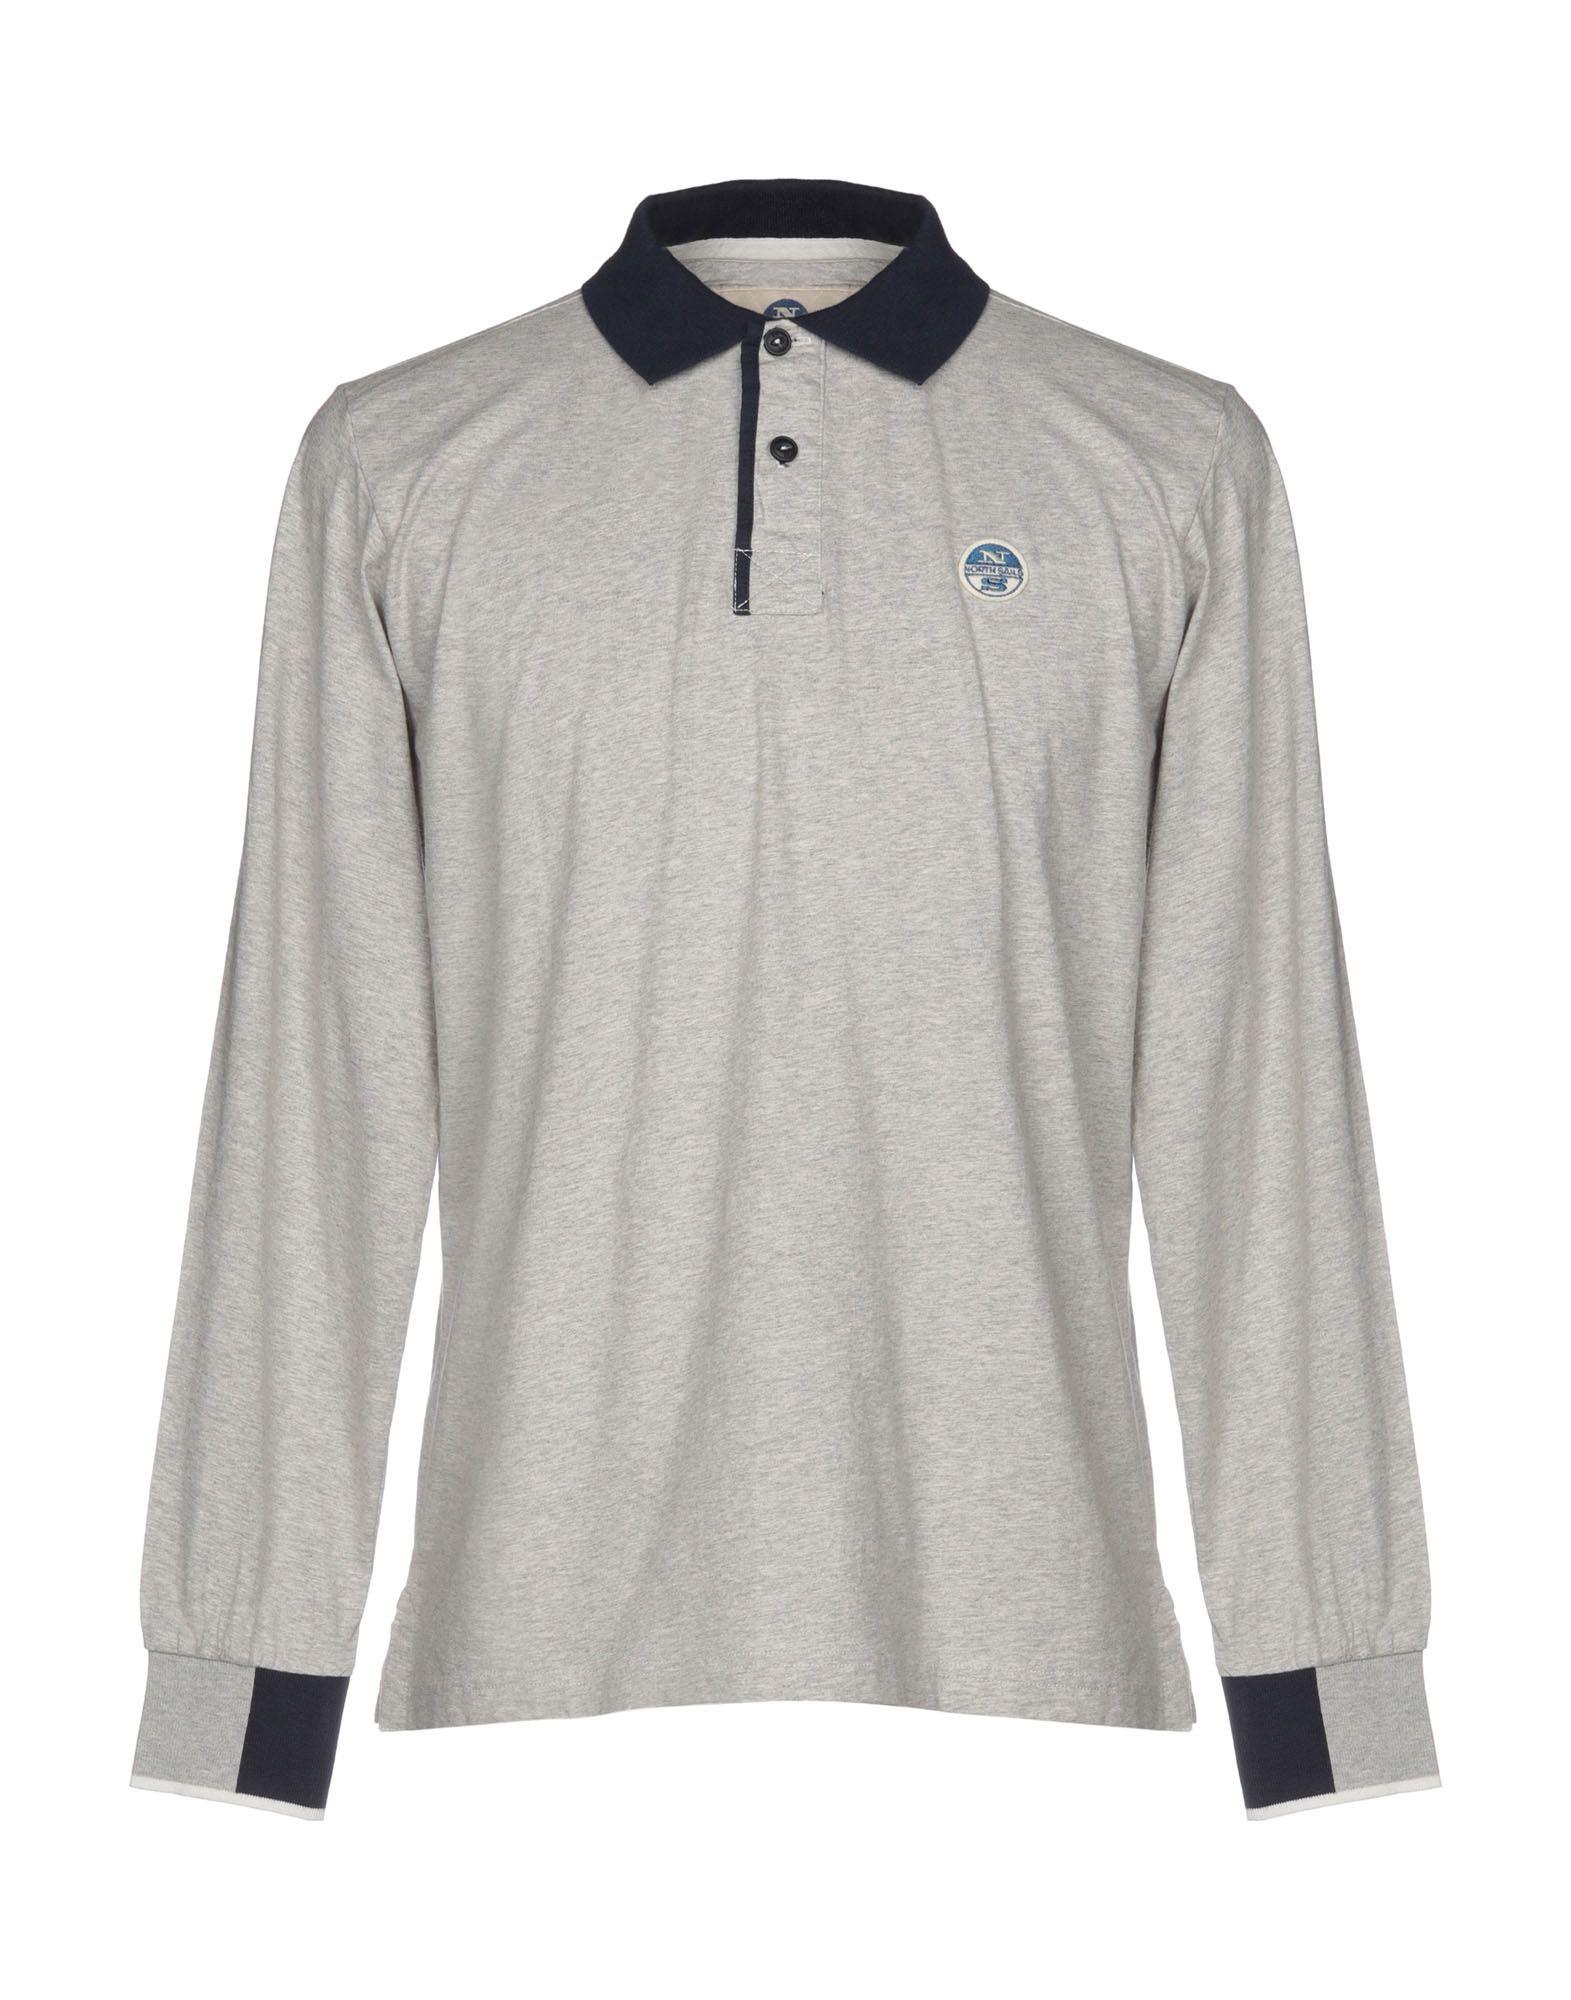 《送料無料》NORTH SAILS メンズ ポロシャツ ライトグレー L コットン 100%